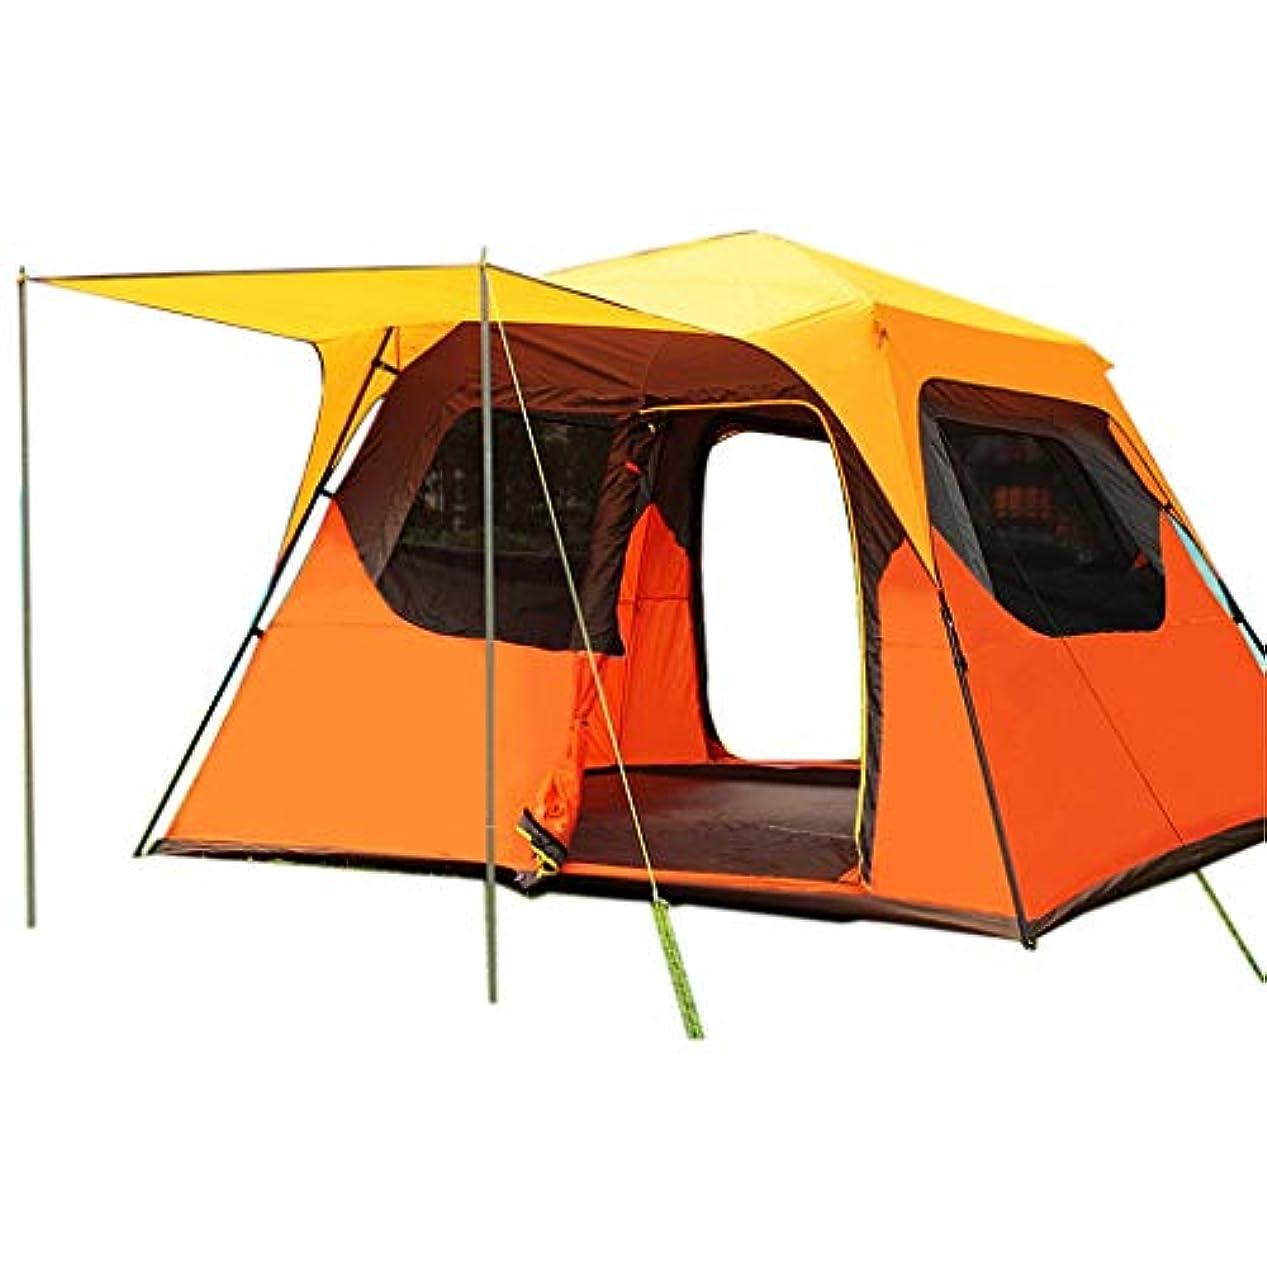 ミルク映画アンペアクイックシェード シェード テント 大型キャンプテントシェード、簡単屋外用ガーデン防水アンチUVサンシェルター、2ドア、ホールド5-8人、オレンジ